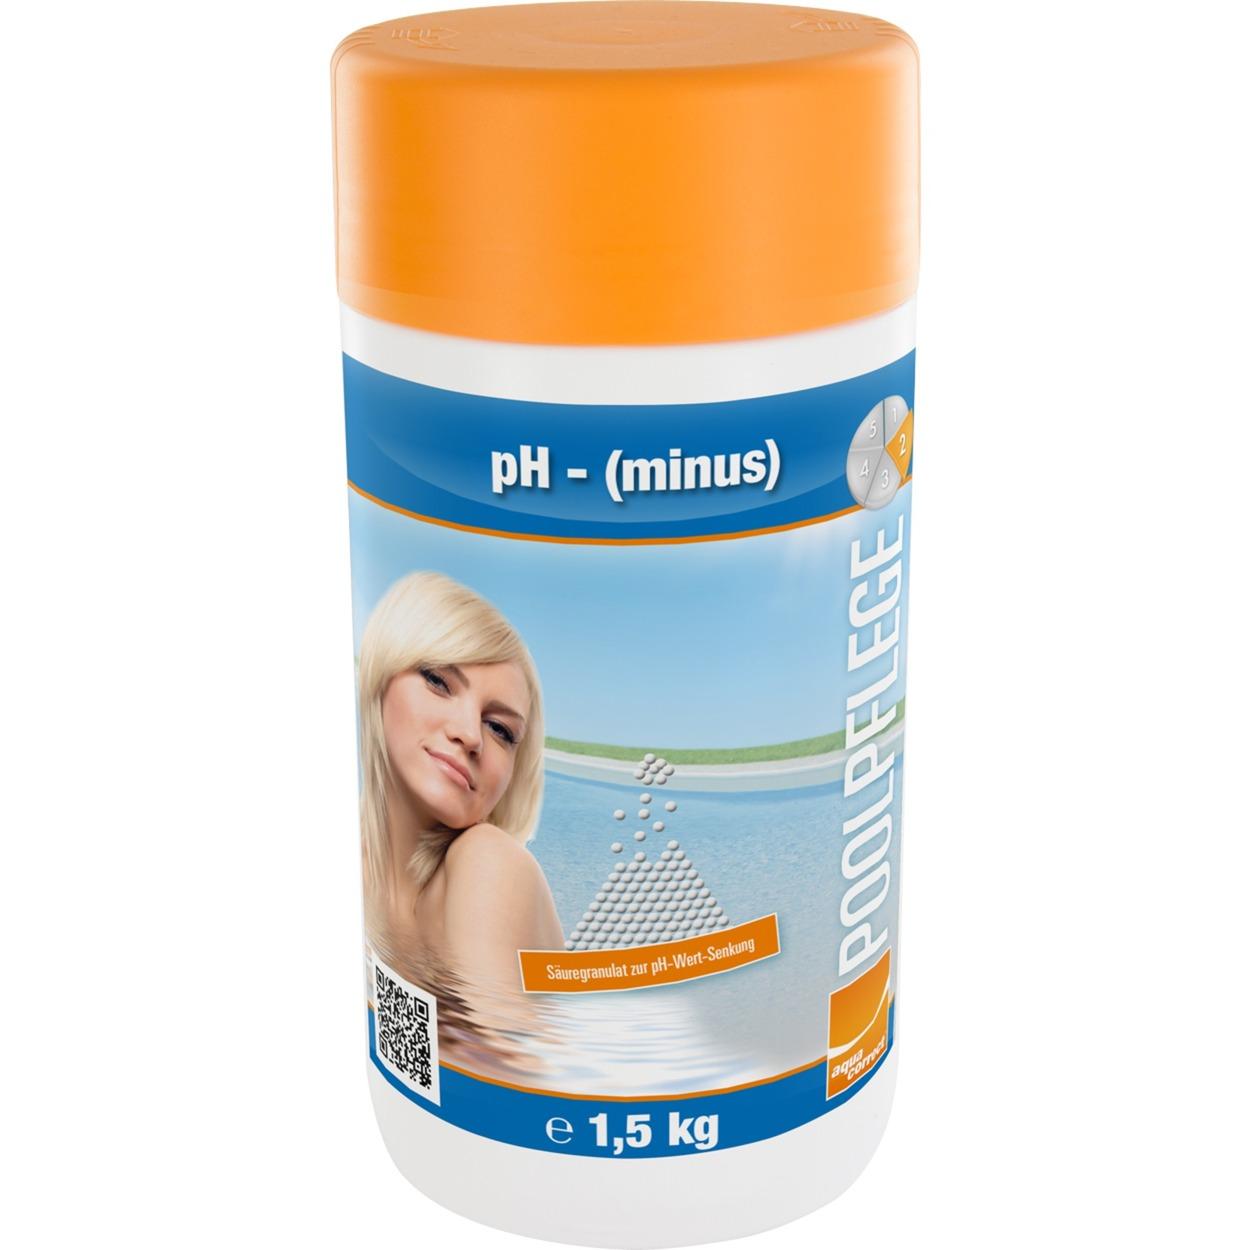 753001TD00, Productos químicos para piscinas